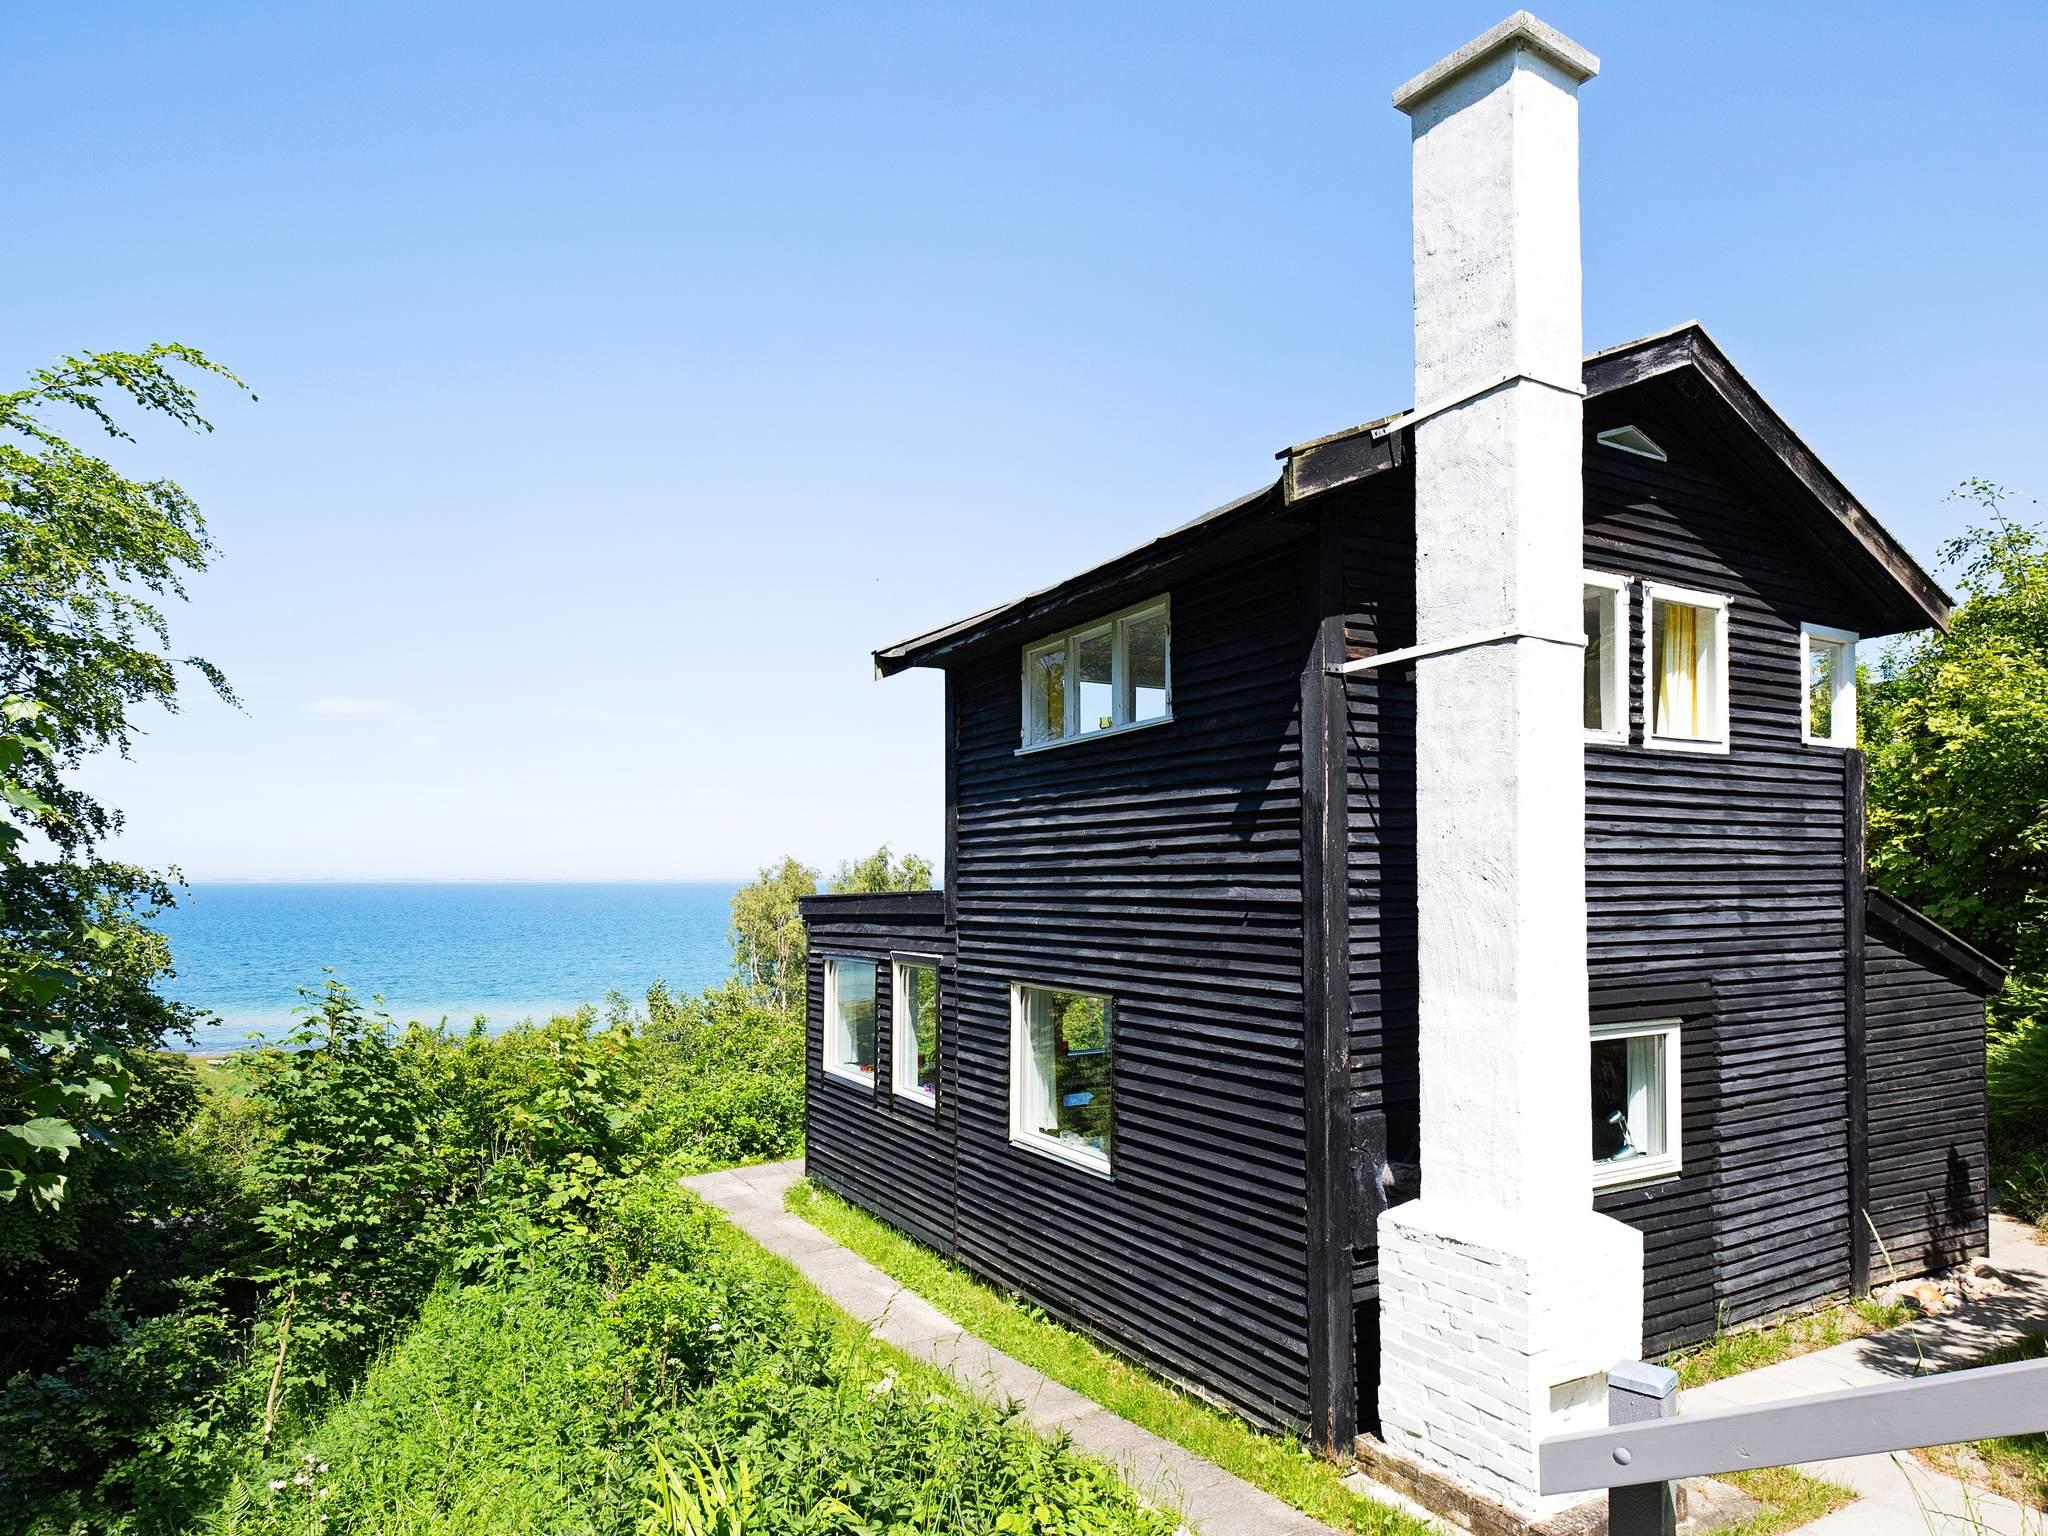 Ferienhaus Veddinge Bakker (83369), Asnæs, , Westseeland, Dänemark, Bild 12